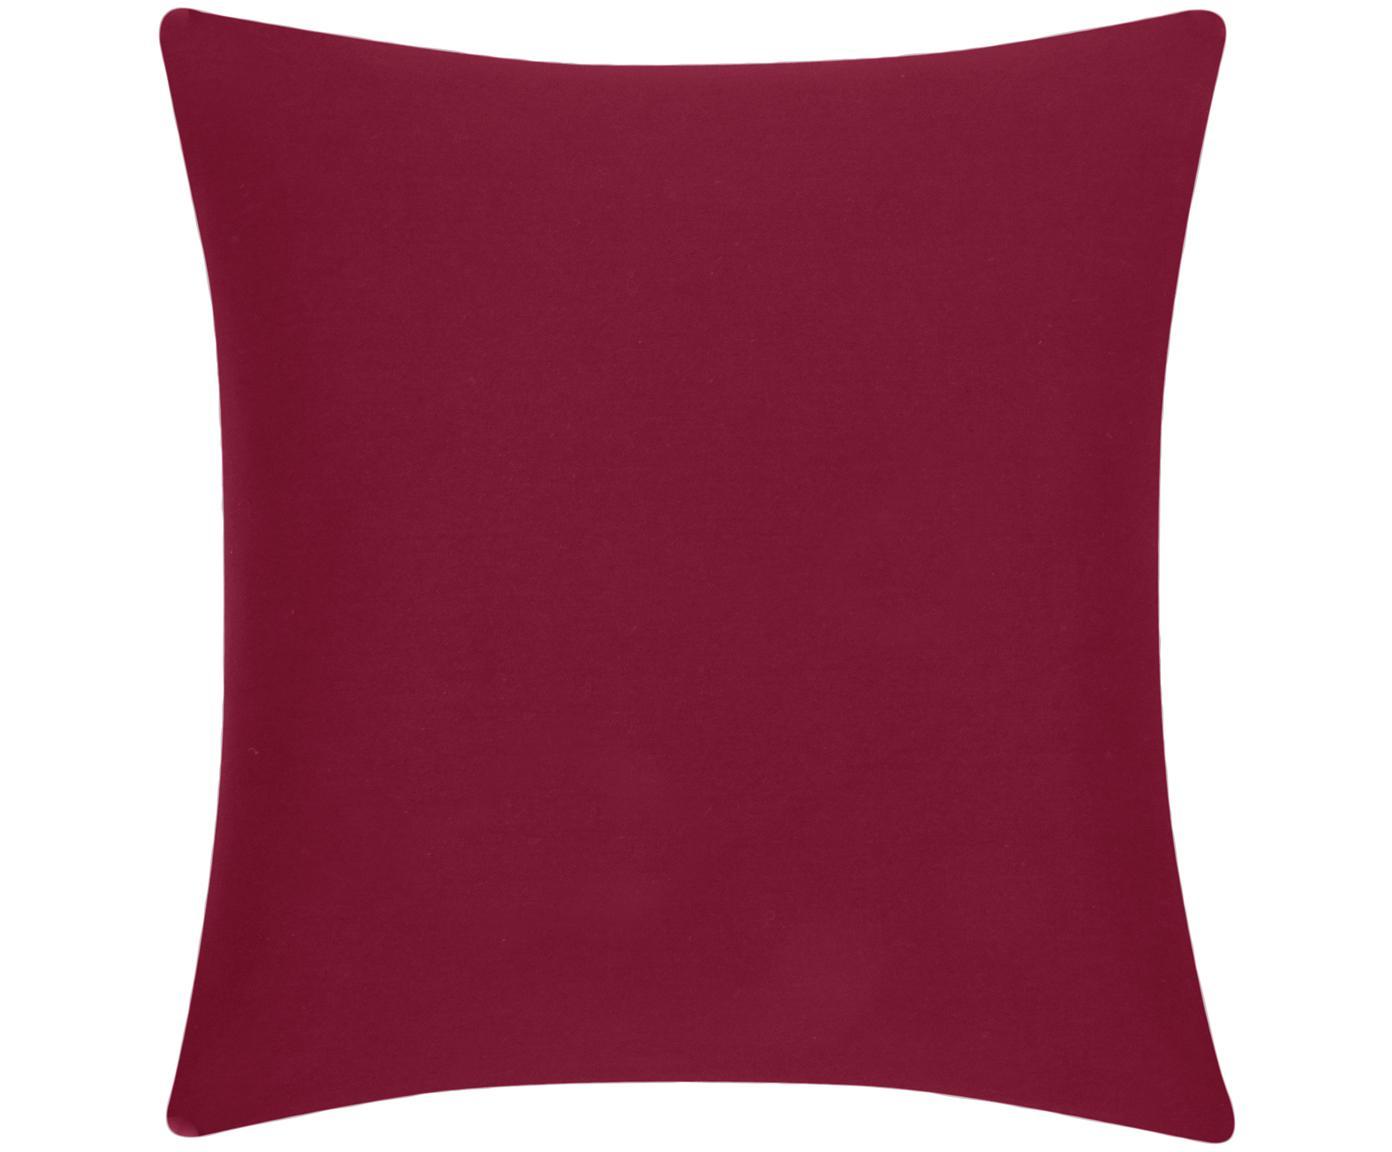 Funda de cojín de algodón Mads, Algodón, Rojo, An 40 x L 40 cm